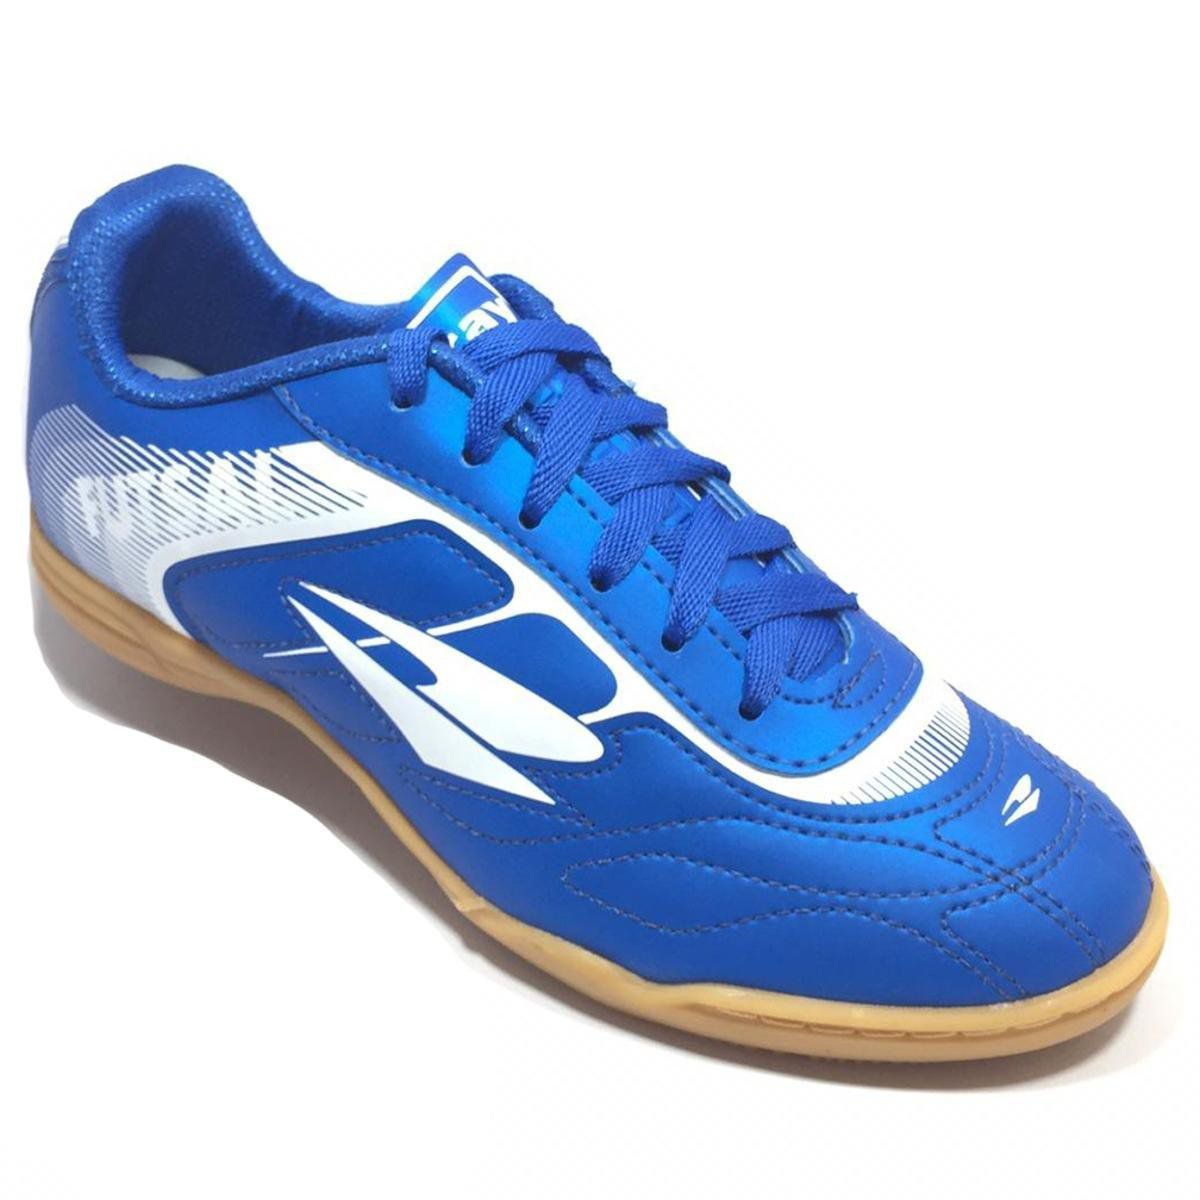 Chuteira Futsal Dray 803 Futsal Juvenil Masculina